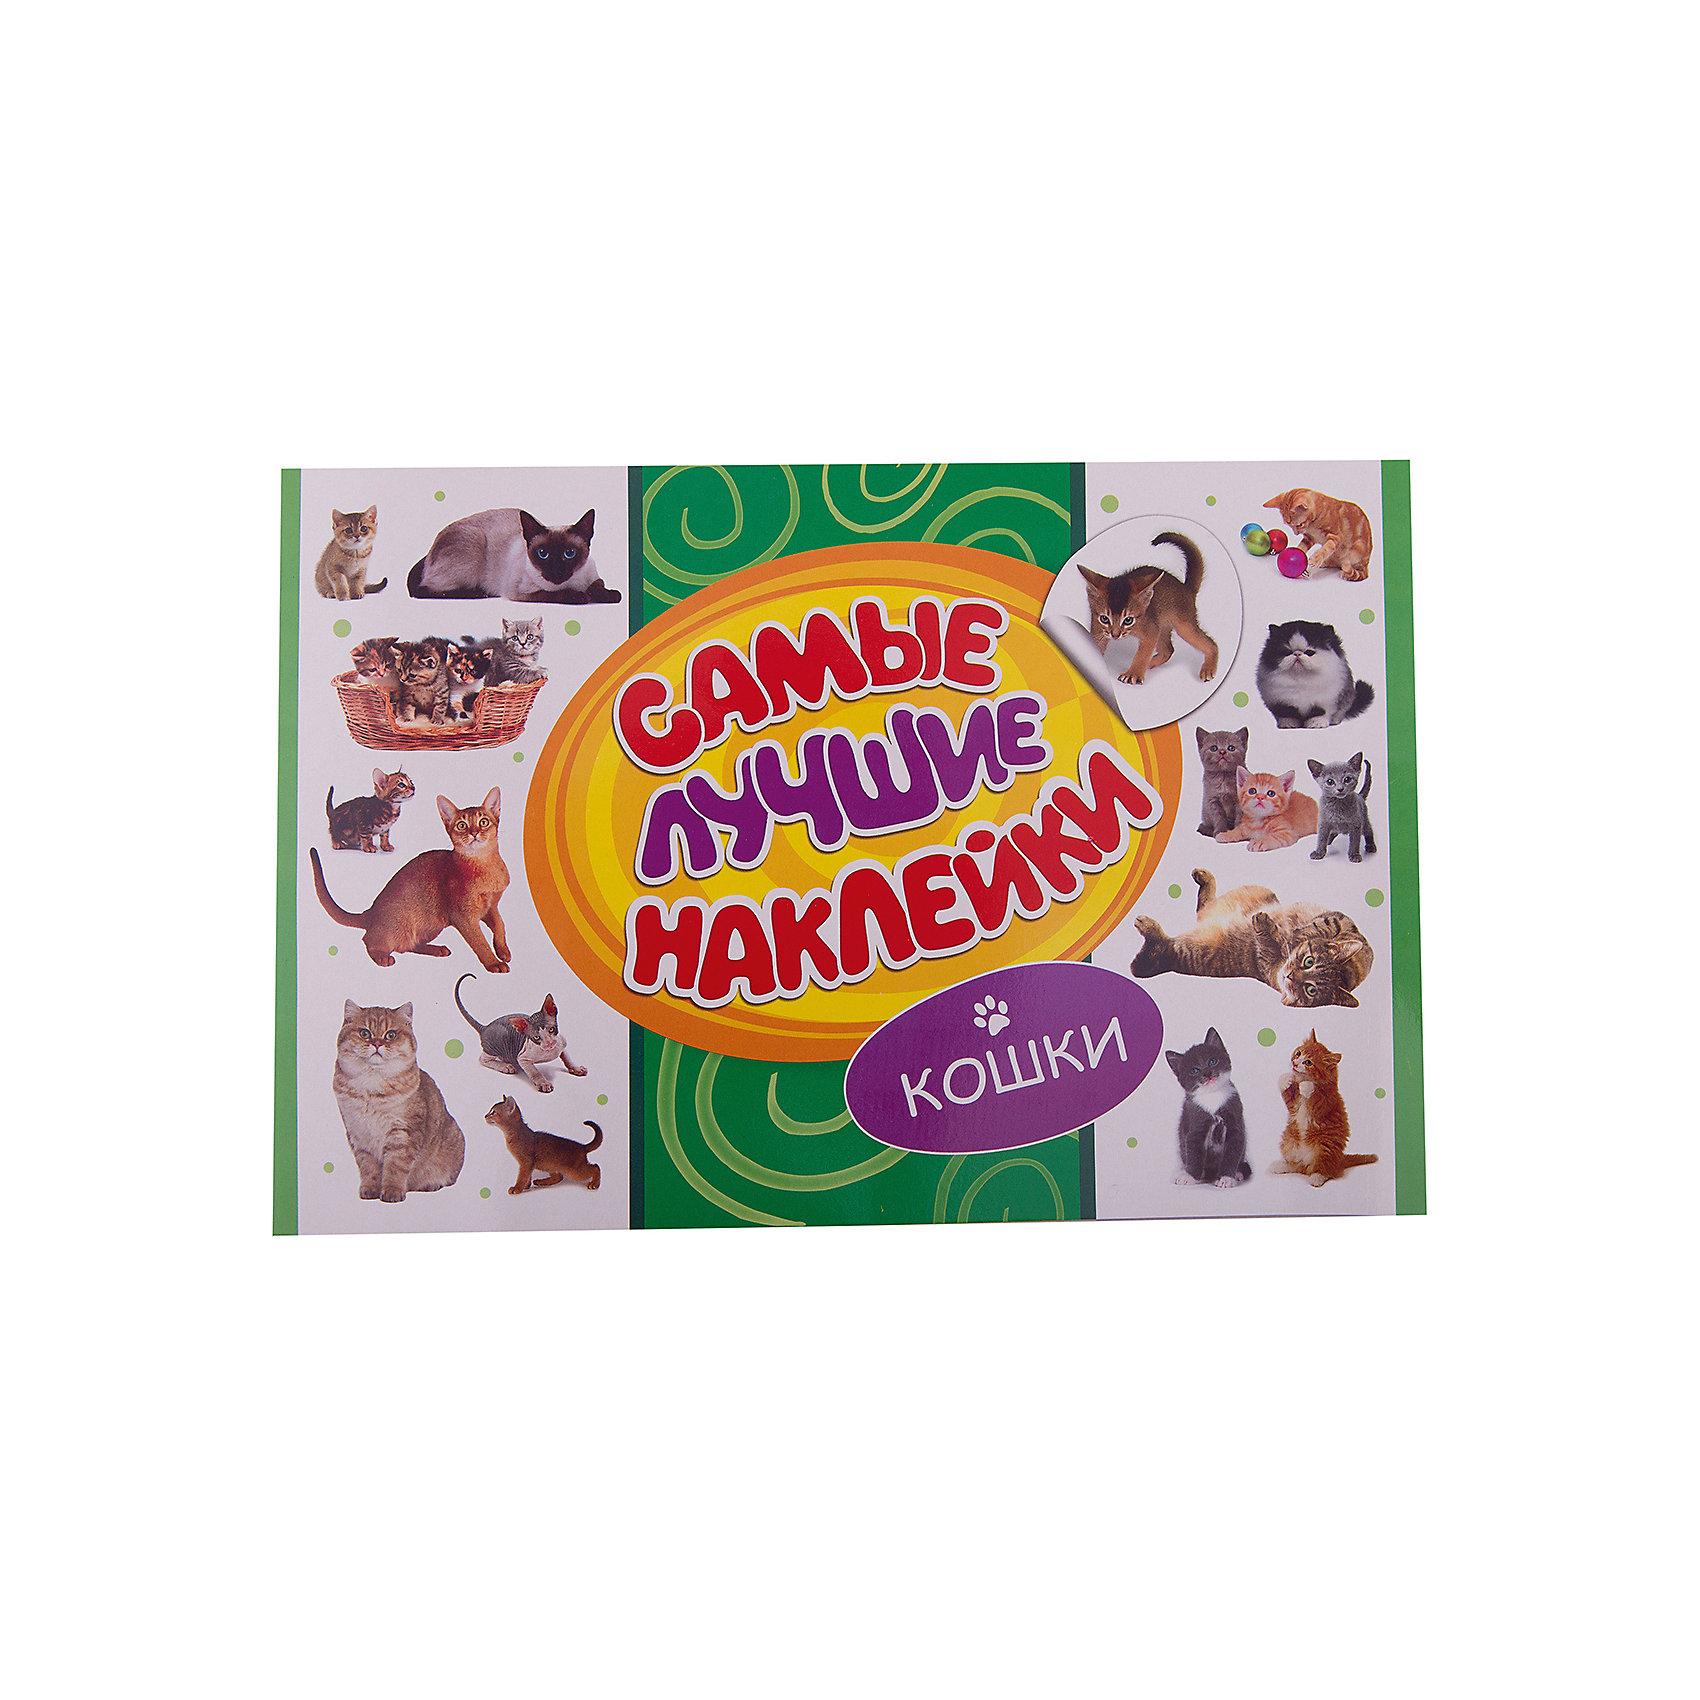 Самые лучшие наклейки, Кошки (336 наклеек)Росмэн<br>Альбом Самые лучшие наклейки, Кошки непременно порадует всех любителей очаровательных домашних питомцев. В альбоме содержится большое количество тематических наклеек с красочными изображениями кошек разных пород в самых разных ситуациях. Они прекрасно<br>подойдут для украшения рисунков, открыток, различных предметов и игрушек.<br><br><br>Дополнительная информация:<br><br>- Серия: Стикерляндия<br>- Обложка: мягкая.<br>- Иллюстрации: цветные.<br>- Объем: 16 стр.<br>- Размер: 30 х 0,2 х 20 см.<br>- Вес: 101 гр.<br><br>Самые лучшие наклейки, Кошки, Росмэн, можно купить в нашем интернет-магазине.<br><br>Ширина мм: 300<br>Глубина мм: 200<br>Высота мм: 45<br>Вес г: 101<br>Возраст от месяцев: 60<br>Возраст до месяцев: 144<br>Пол: Унисекс<br>Возраст: Детский<br>SKU: 4720614